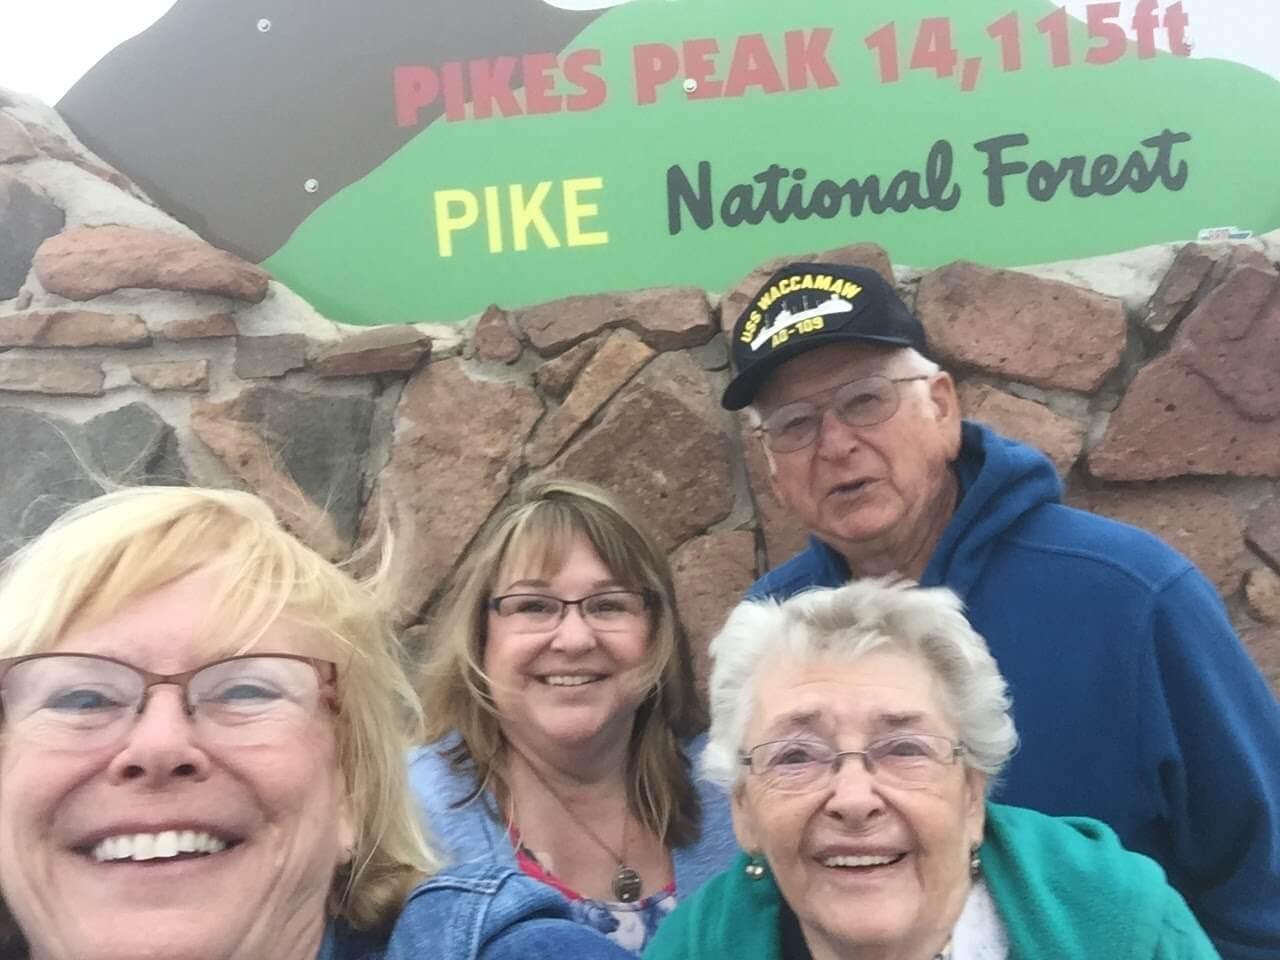 Kim, Sue, Mom, Dad, Summit Pike's Peak, Colorado, 2017